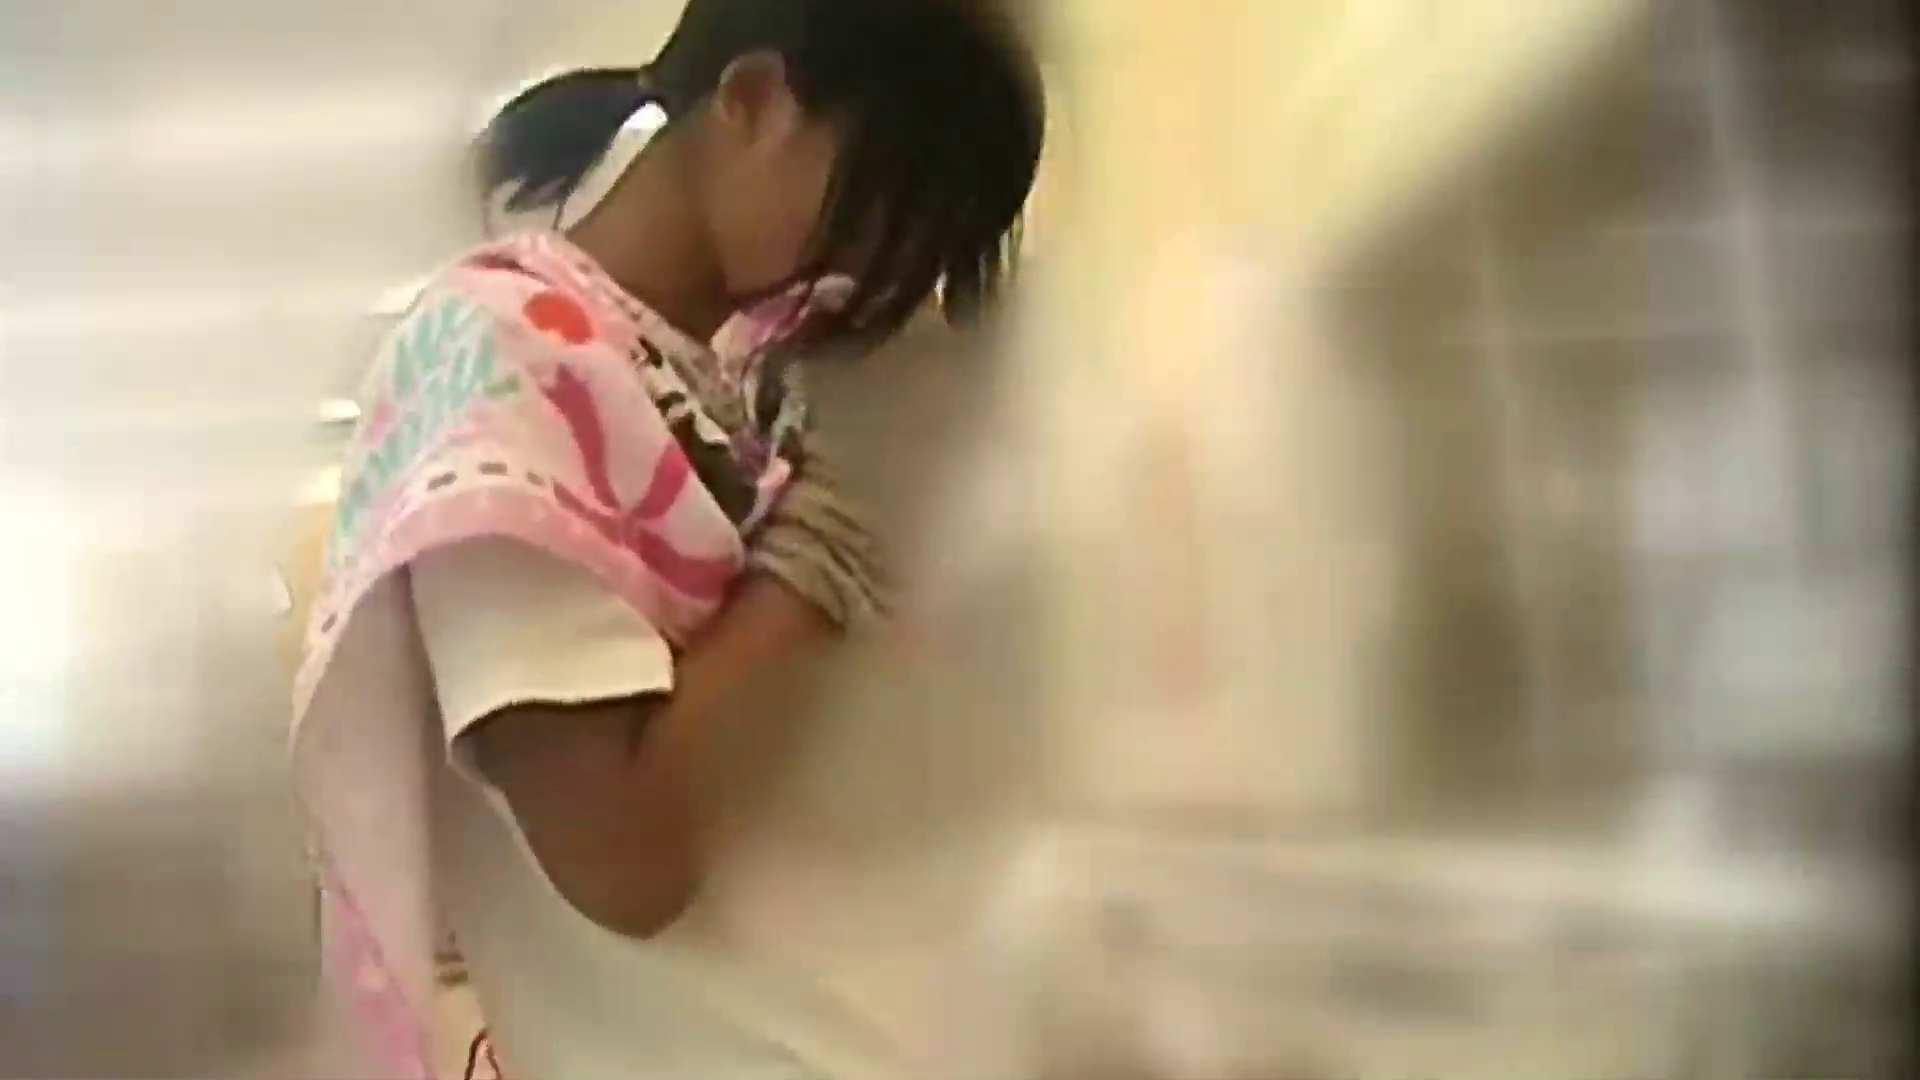 ▲復活限定▲スーパーの女の子 Vol.01 盗撮で悶絶 SEX無修正画像 79画像 35